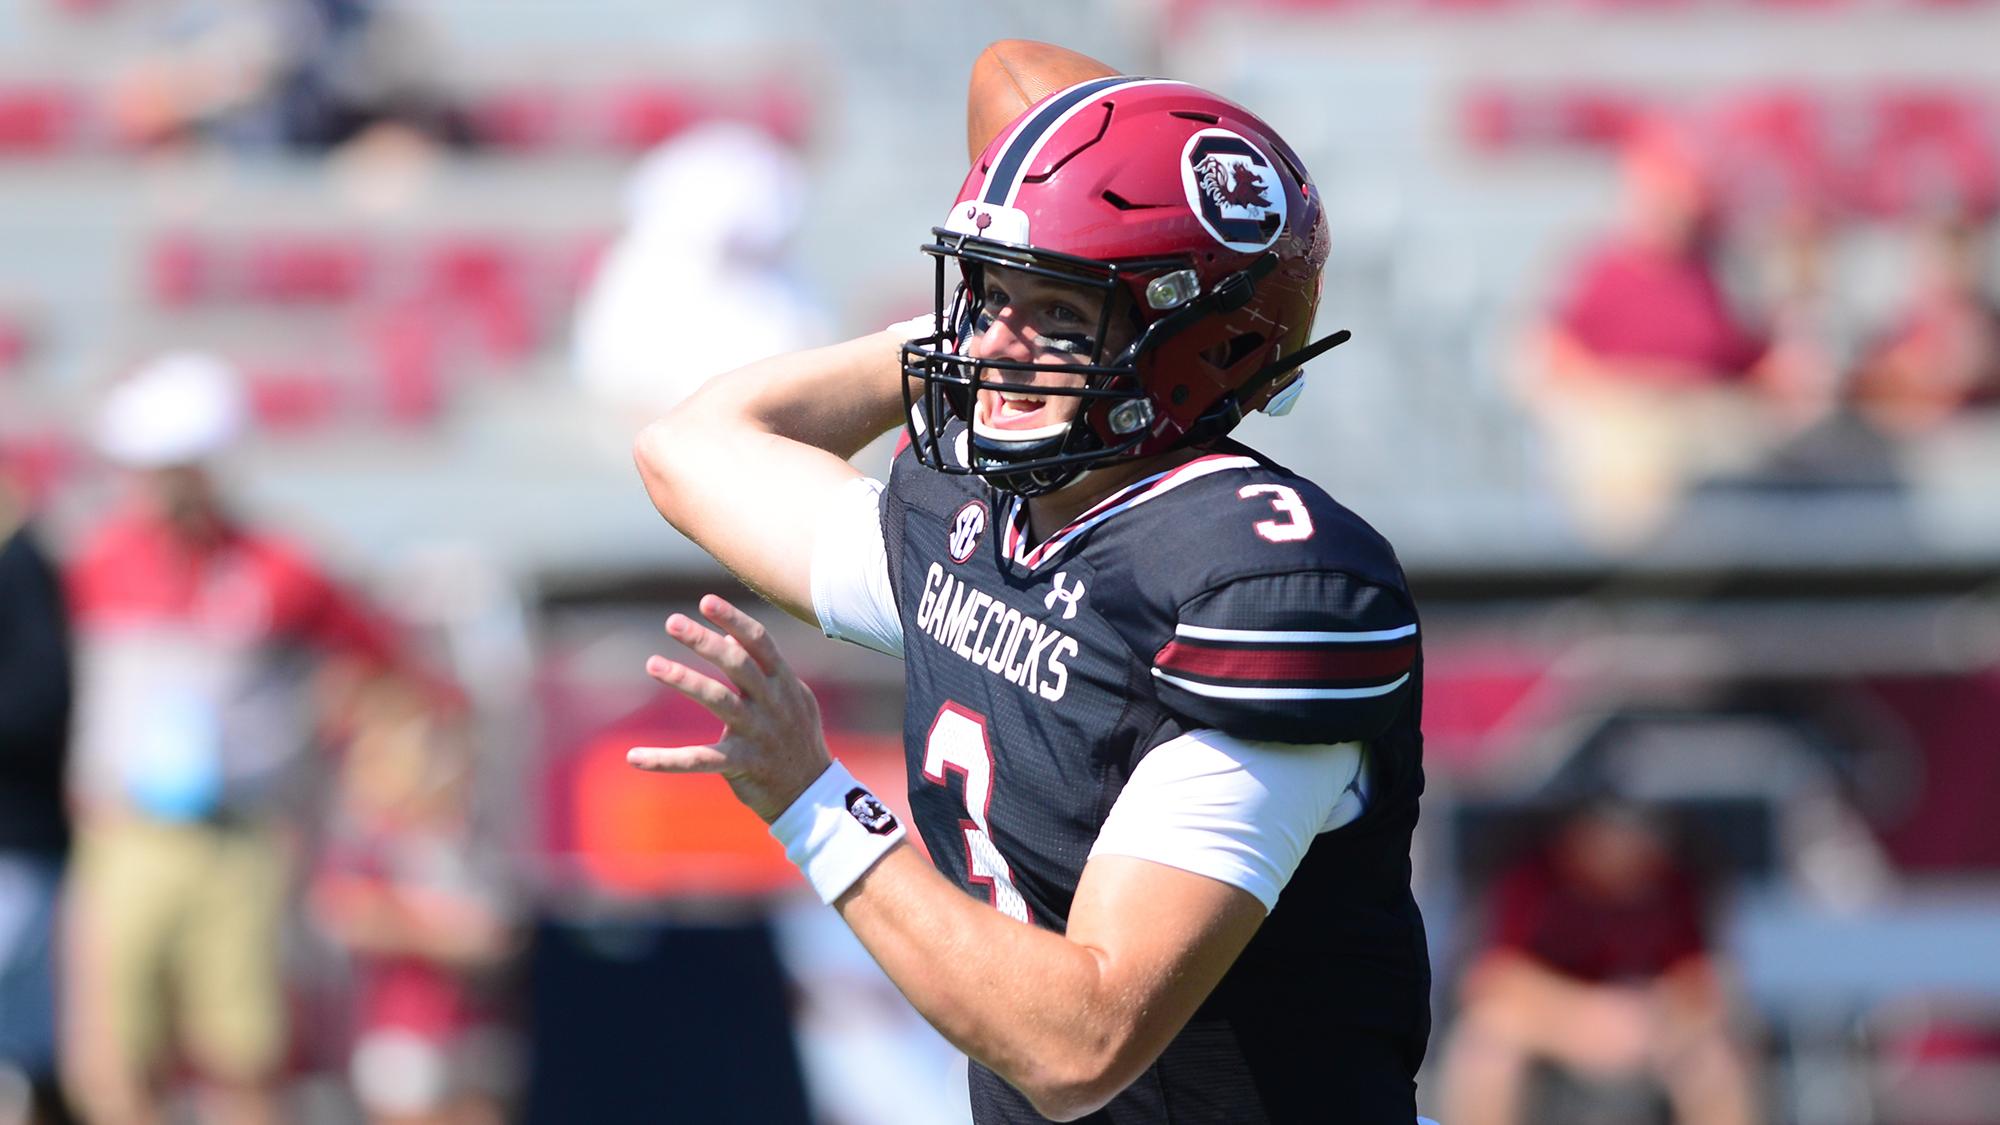 Ryan Hilinski (3), (Photo courtesy of University of South Carolina Athletics)